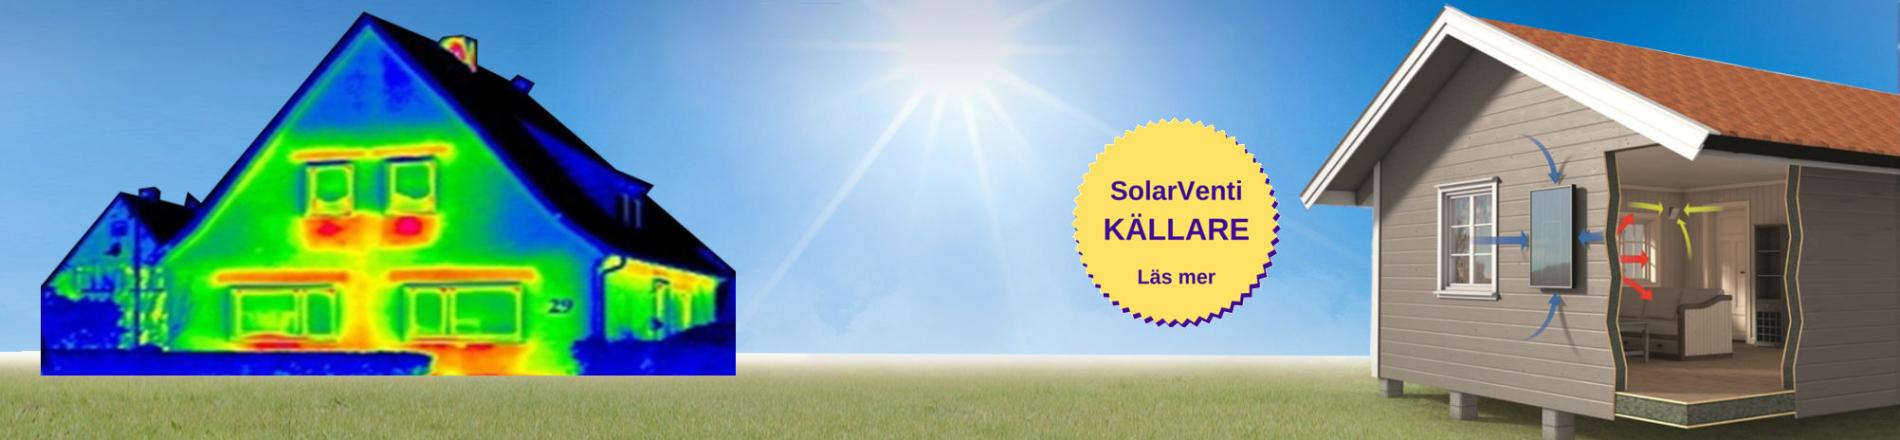 SolarVenti för källare